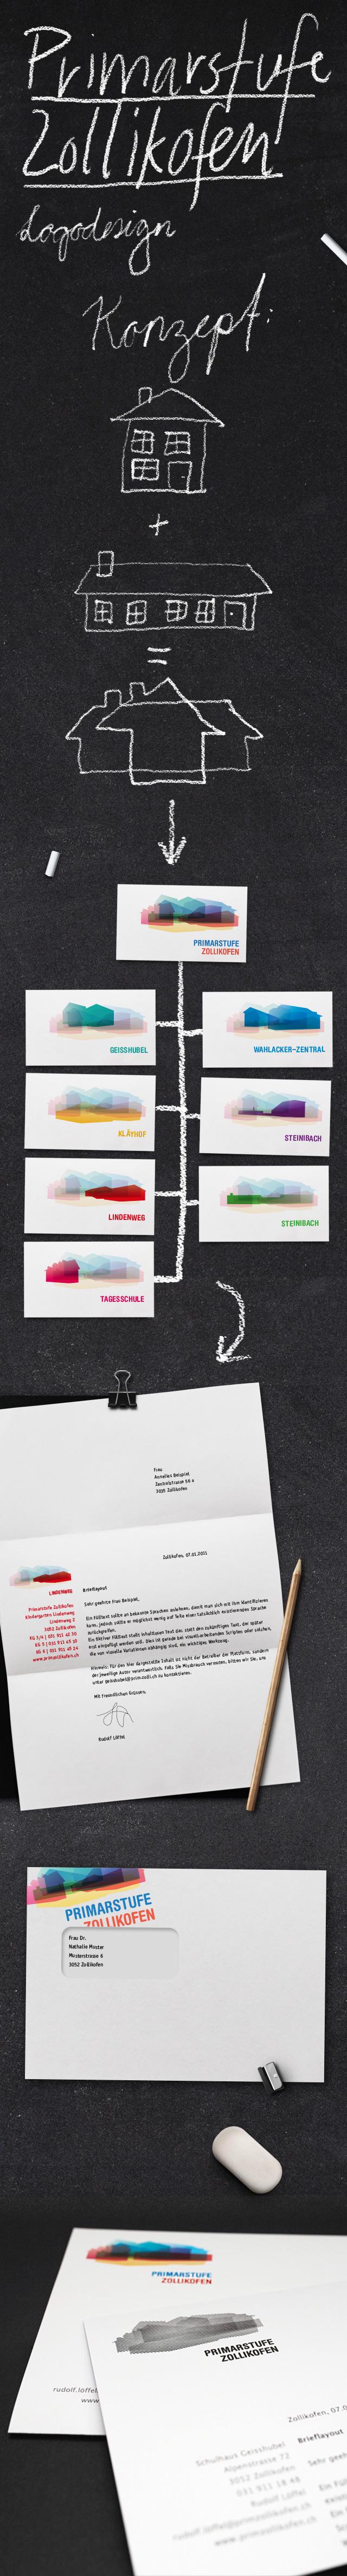 GLUNZ Projekt: Primarstufe Zollikofen - Mobile Version